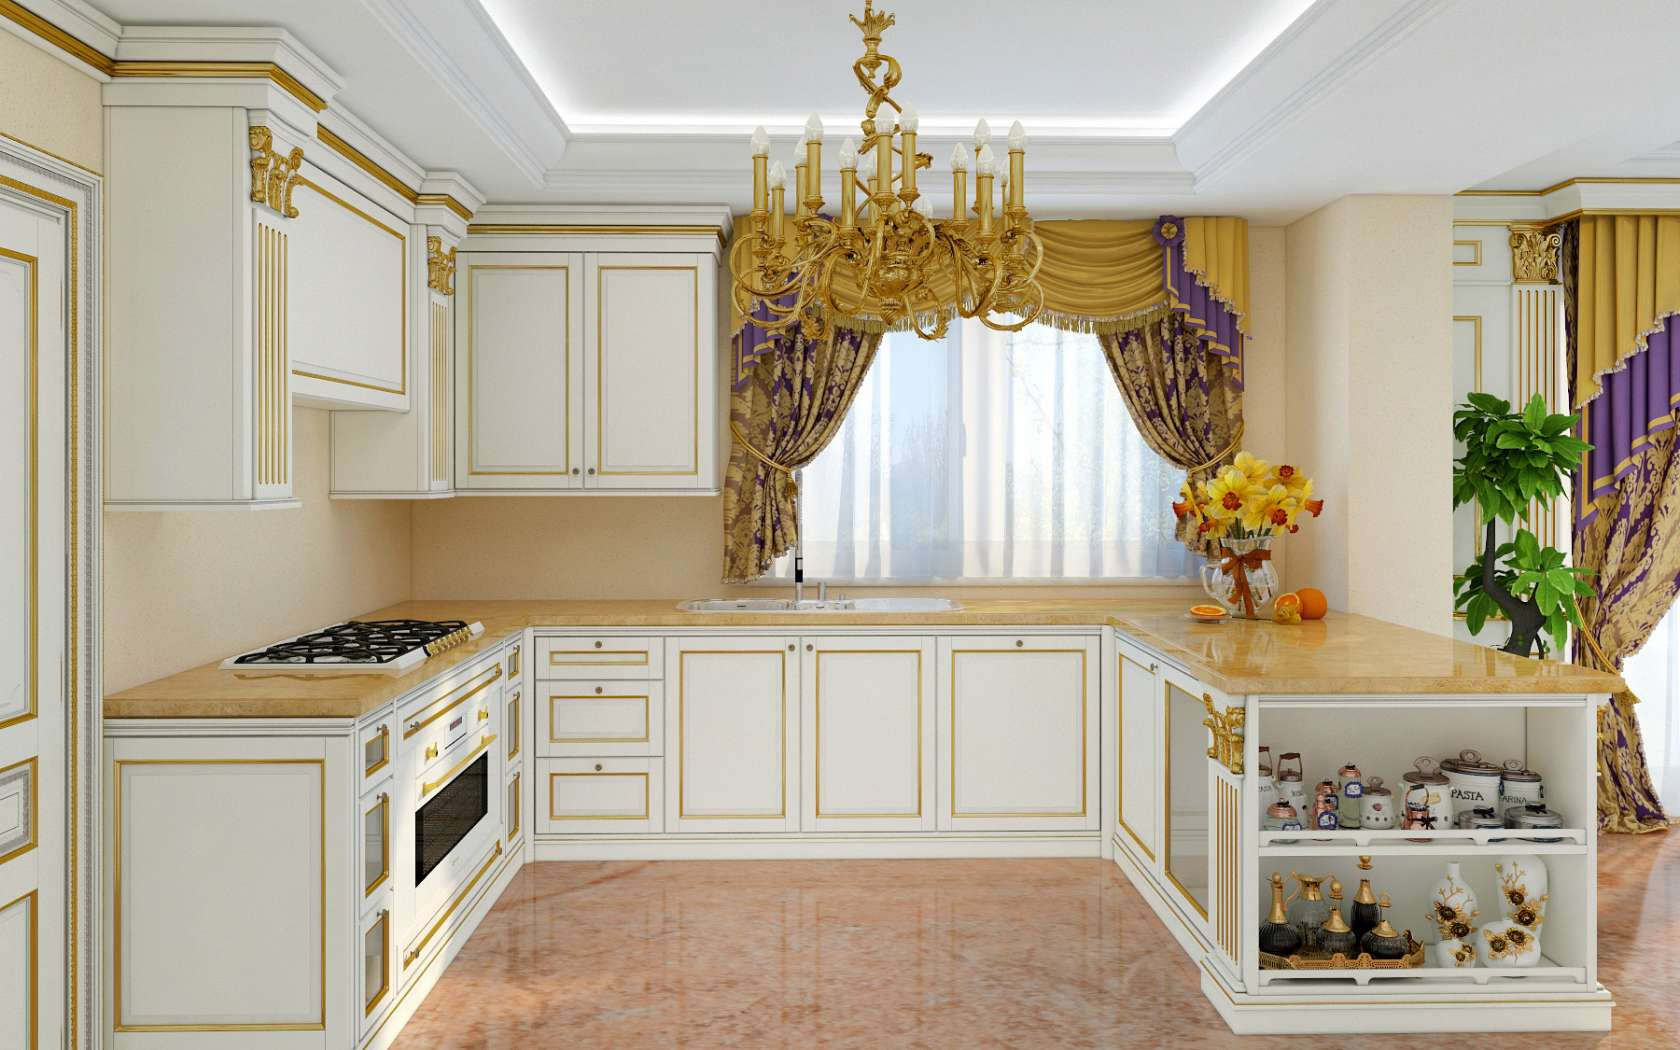 Cucine Di Lusso Classiche : Cucina di lusso classica modello legacy vimercati meda